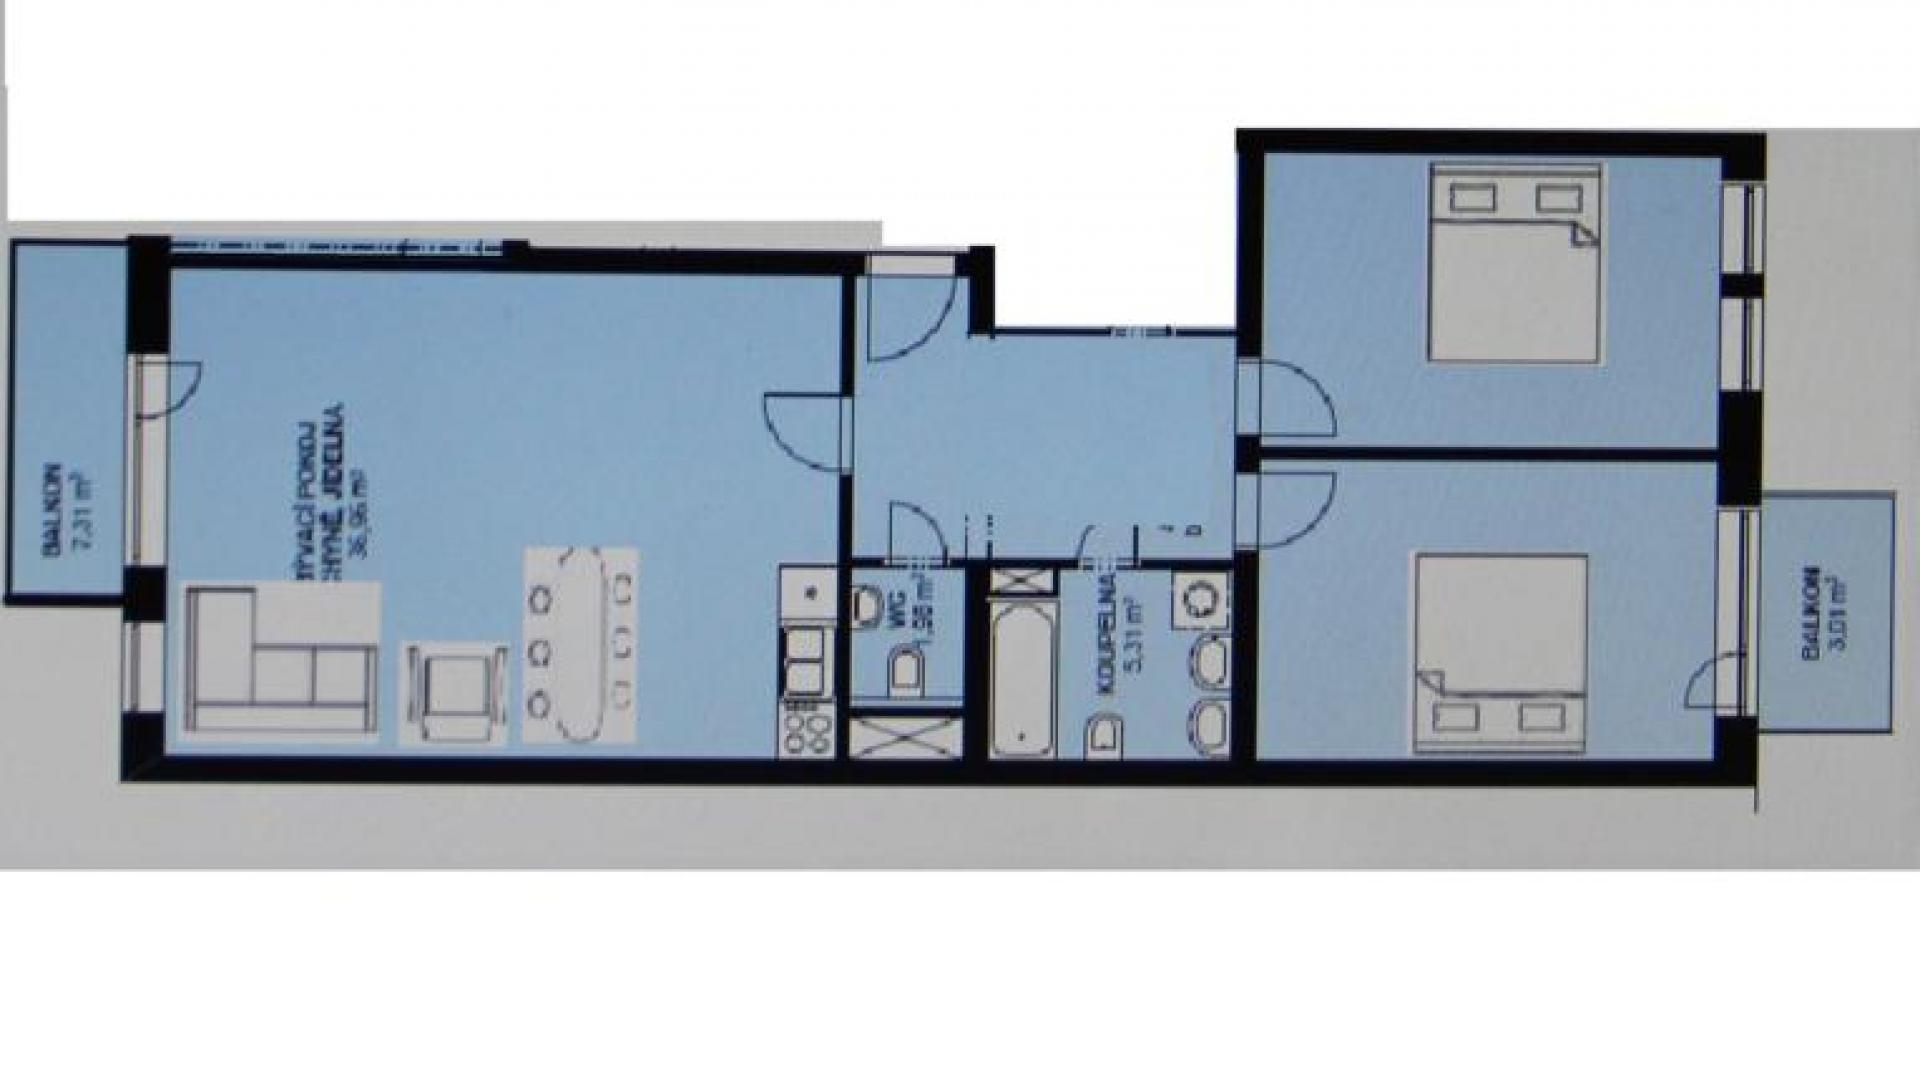 Апартаменты в Карловых Варах - София 3